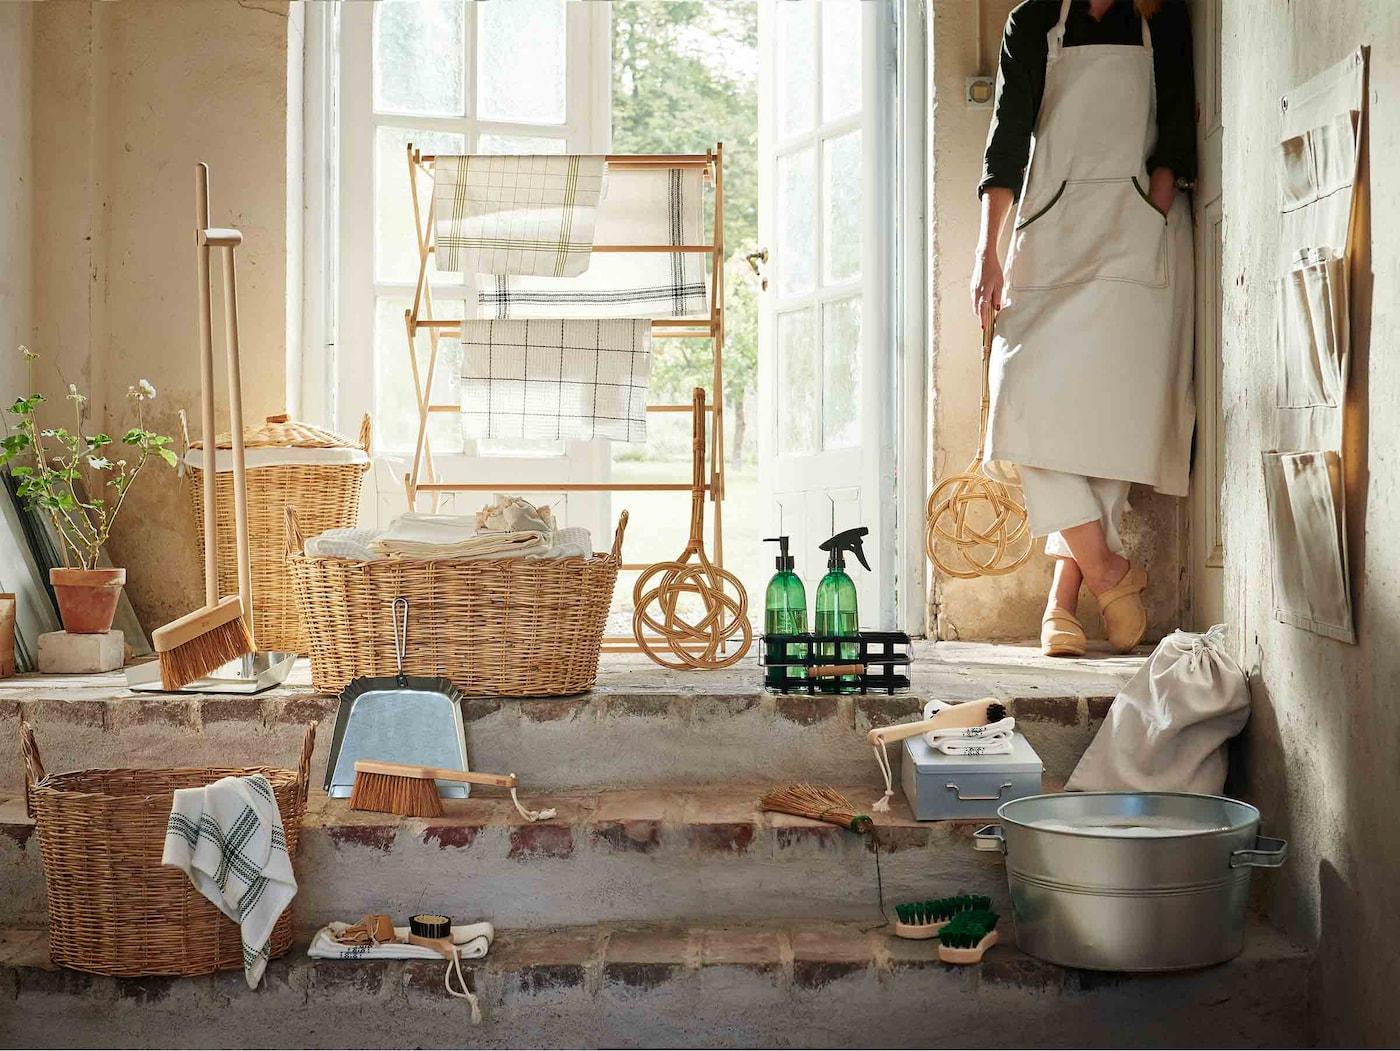 Die Produkte der BORSTAD Kollektion stehen in einem sonnendurchfluteten Eingangsbereich, eine Frau mit einem Teppichklopfer in der Hand steht daneben.